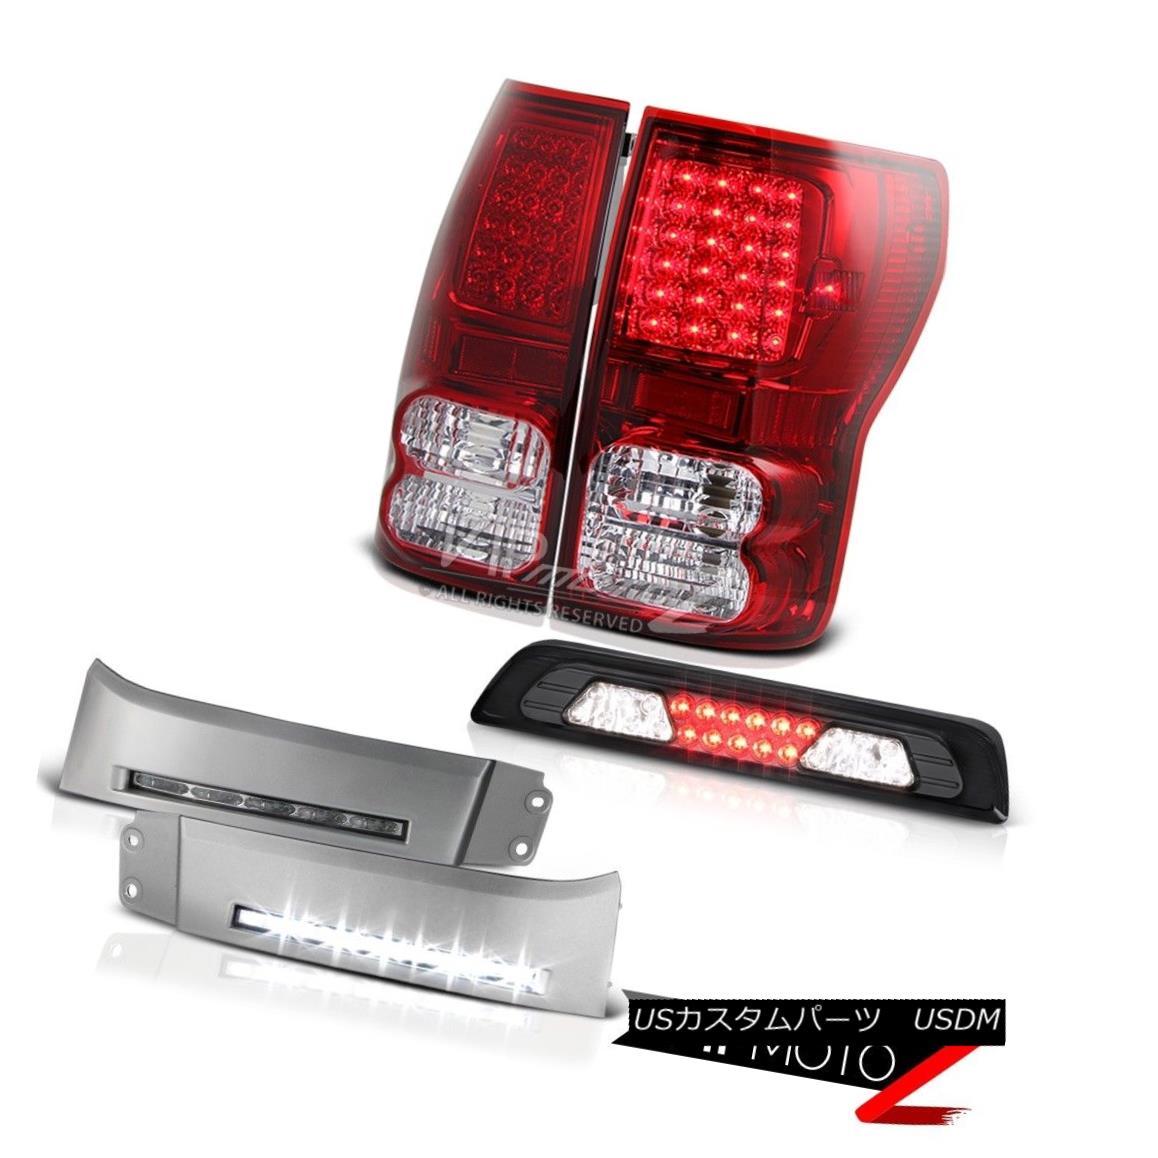 テールライト 2007-2013 Toyota Tundra SR5 DRL Strip Dark Smoke Roof Brake Light Taillamps LED 2007-2013トヨタトンドラSR5 DRLストリップダークスモークルーフブレーキライトトライアングルLED